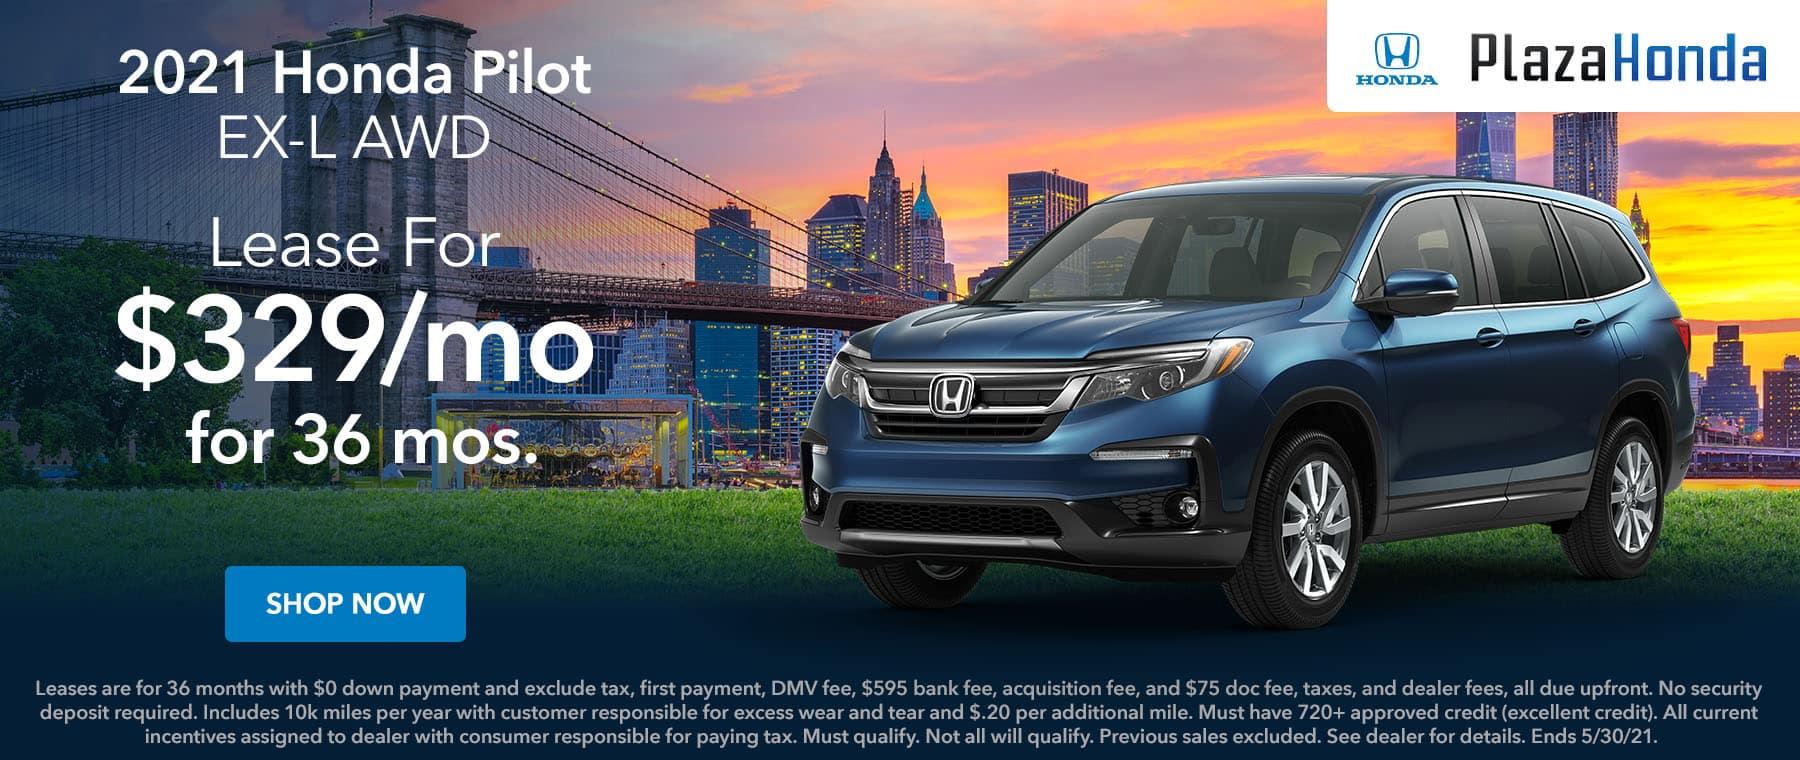 05-06-21-Hero-Honda-Pilot-1800×760